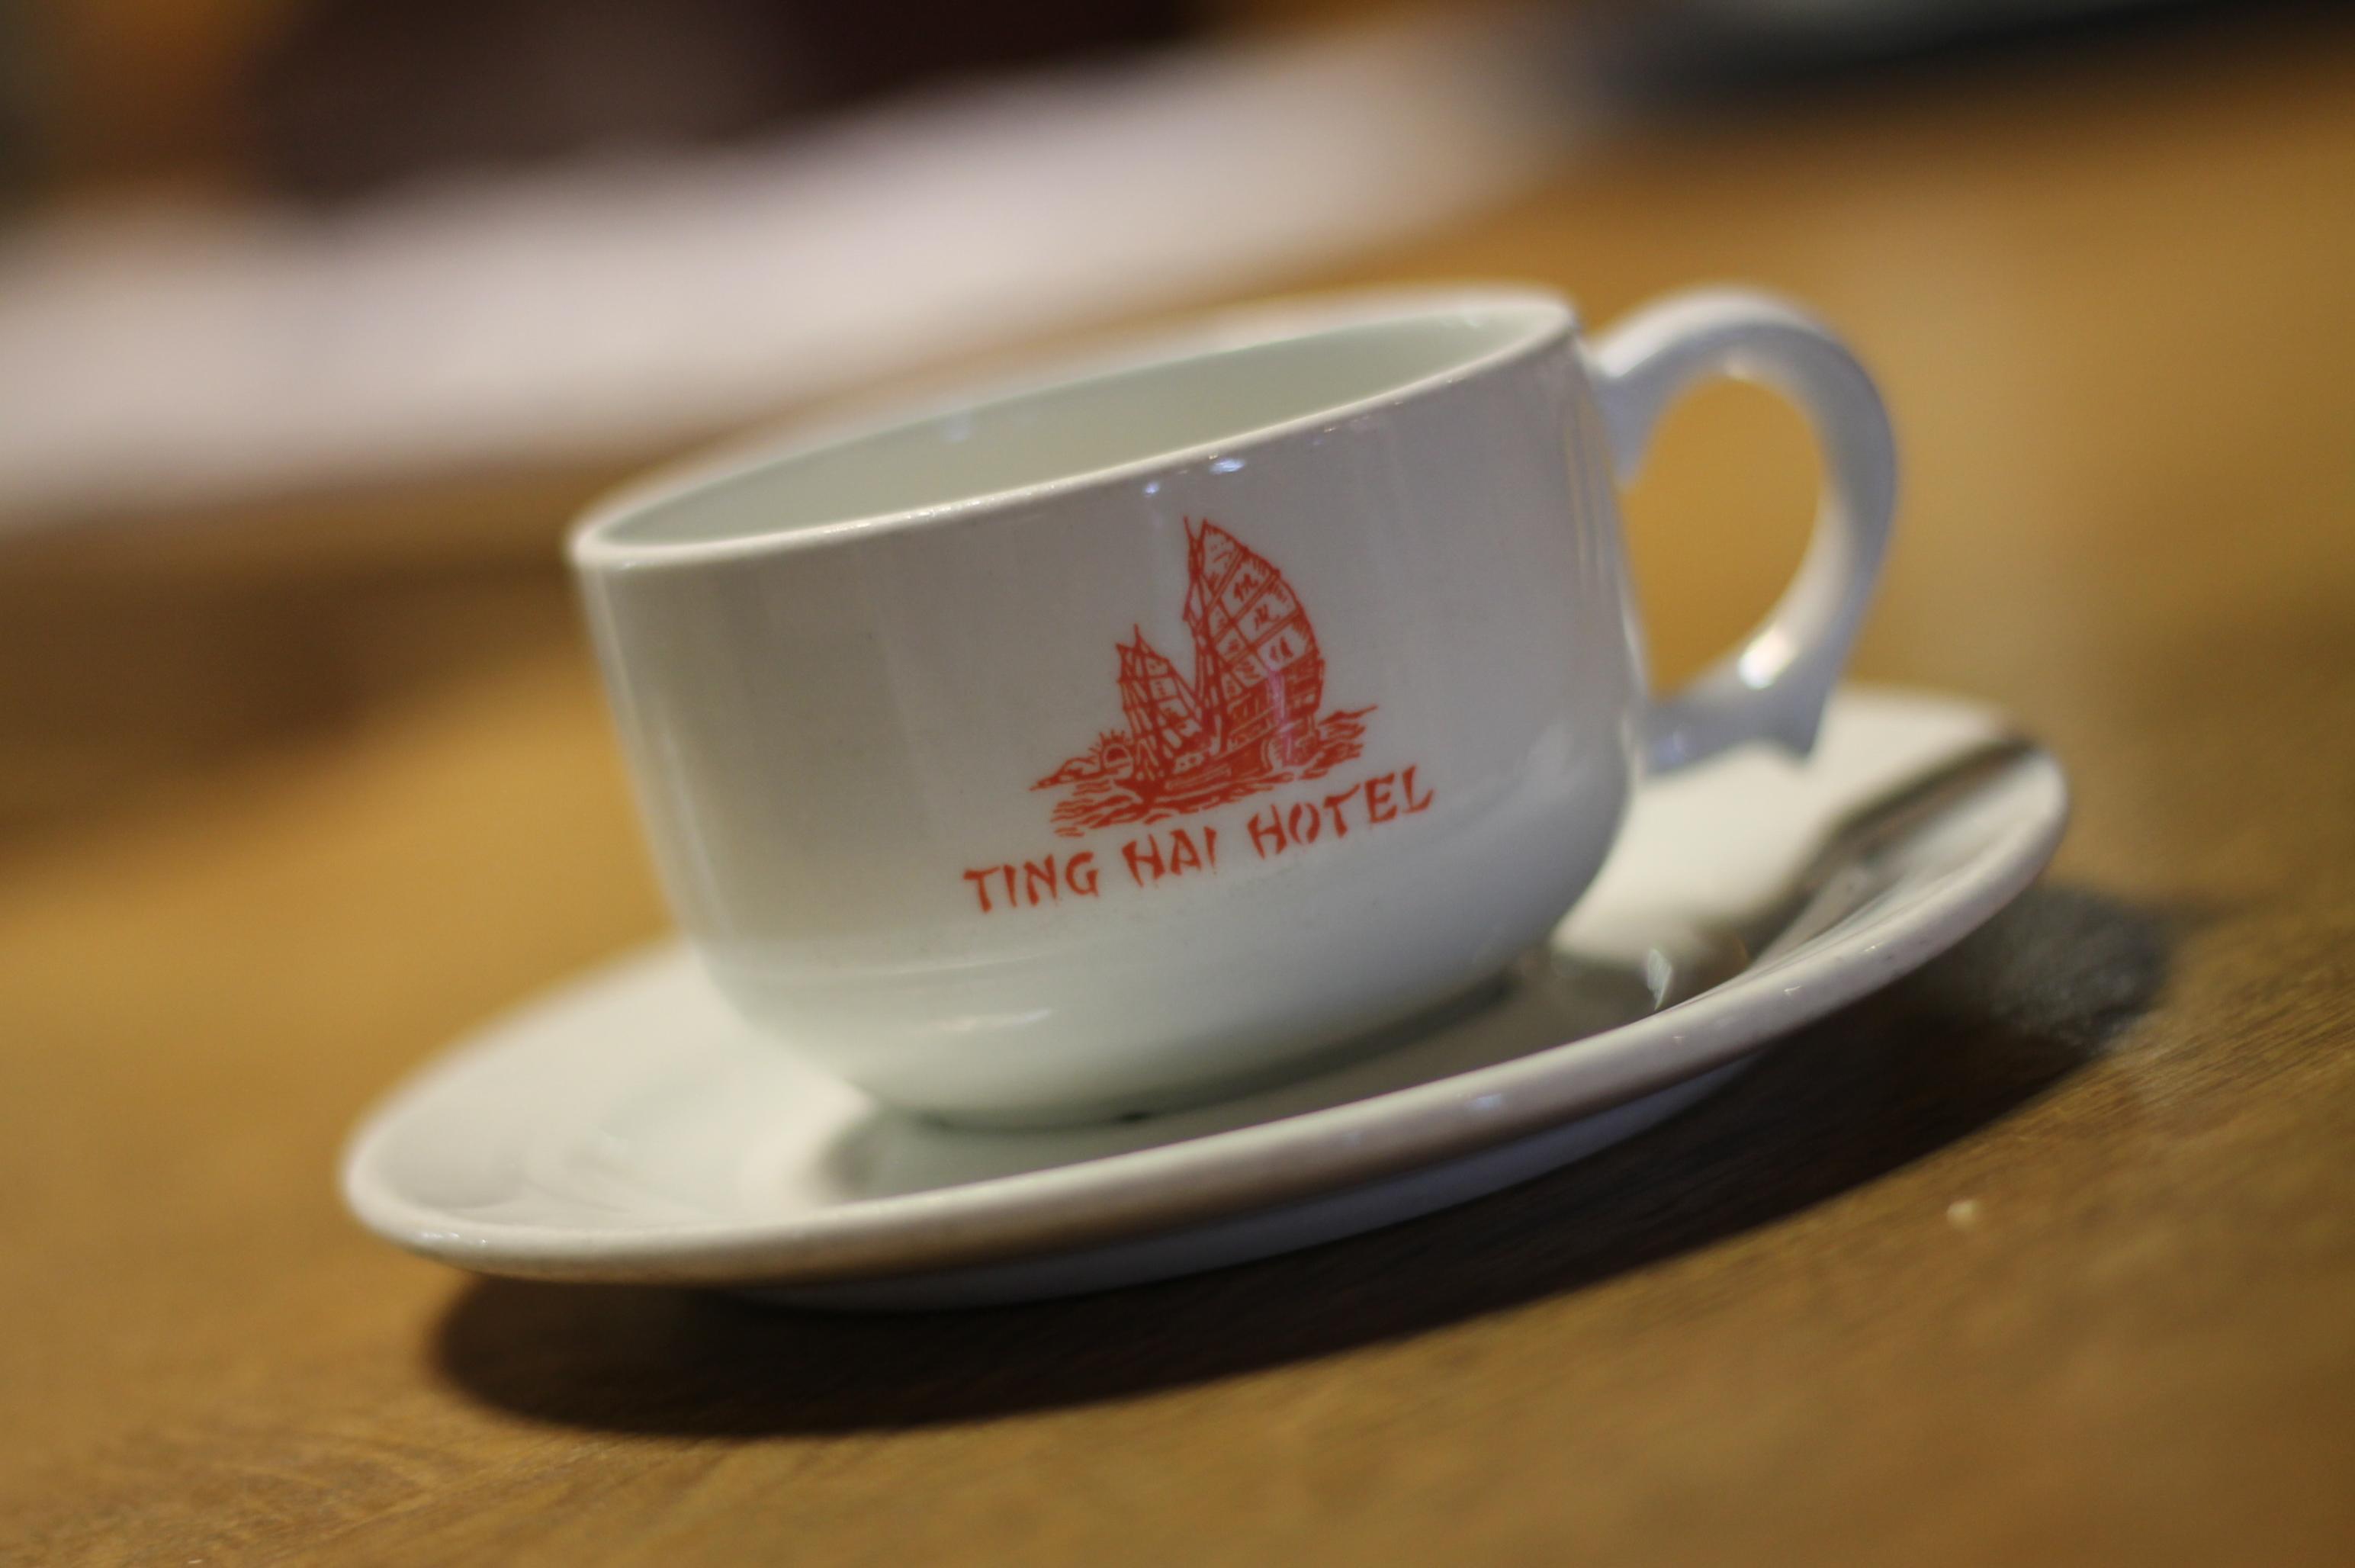 Ting Hai Hotells Kaffe kopp - fra 1986 til 2008 av Ting Hai ikke bare en restaurant, men også et hotell. Denne kaffekoppen viser Ting Hais logo da vi fremdeles var et hotell.